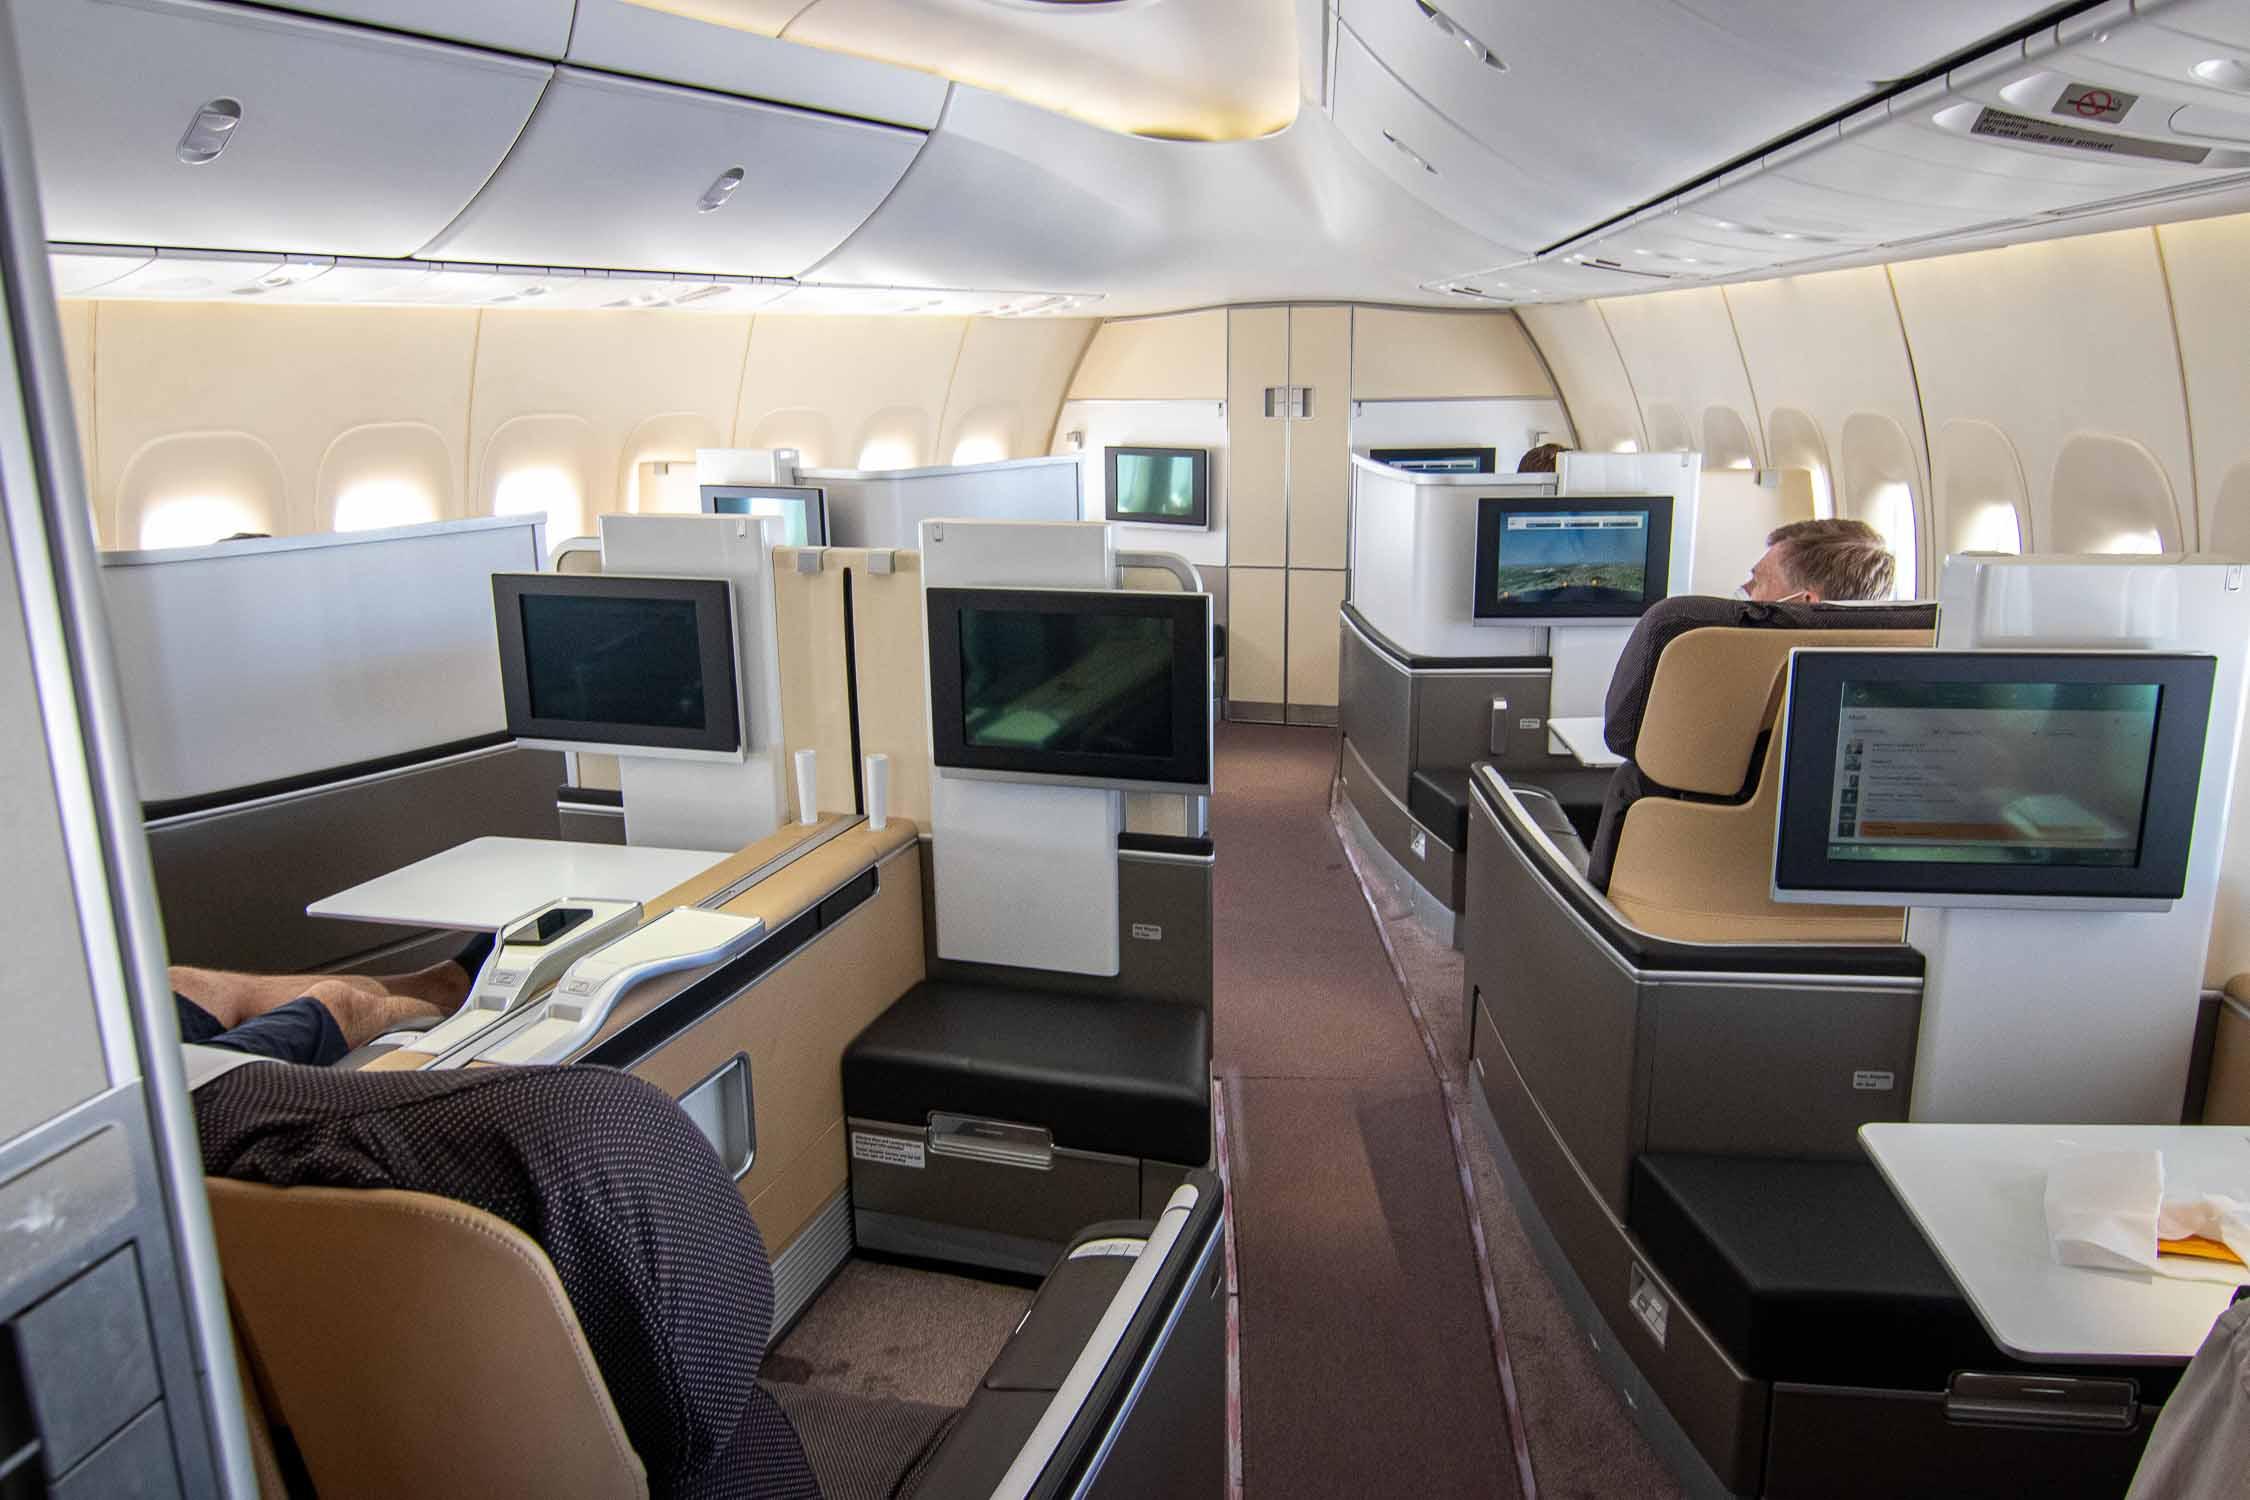 Lufthansa Boeing 747-8 First Class